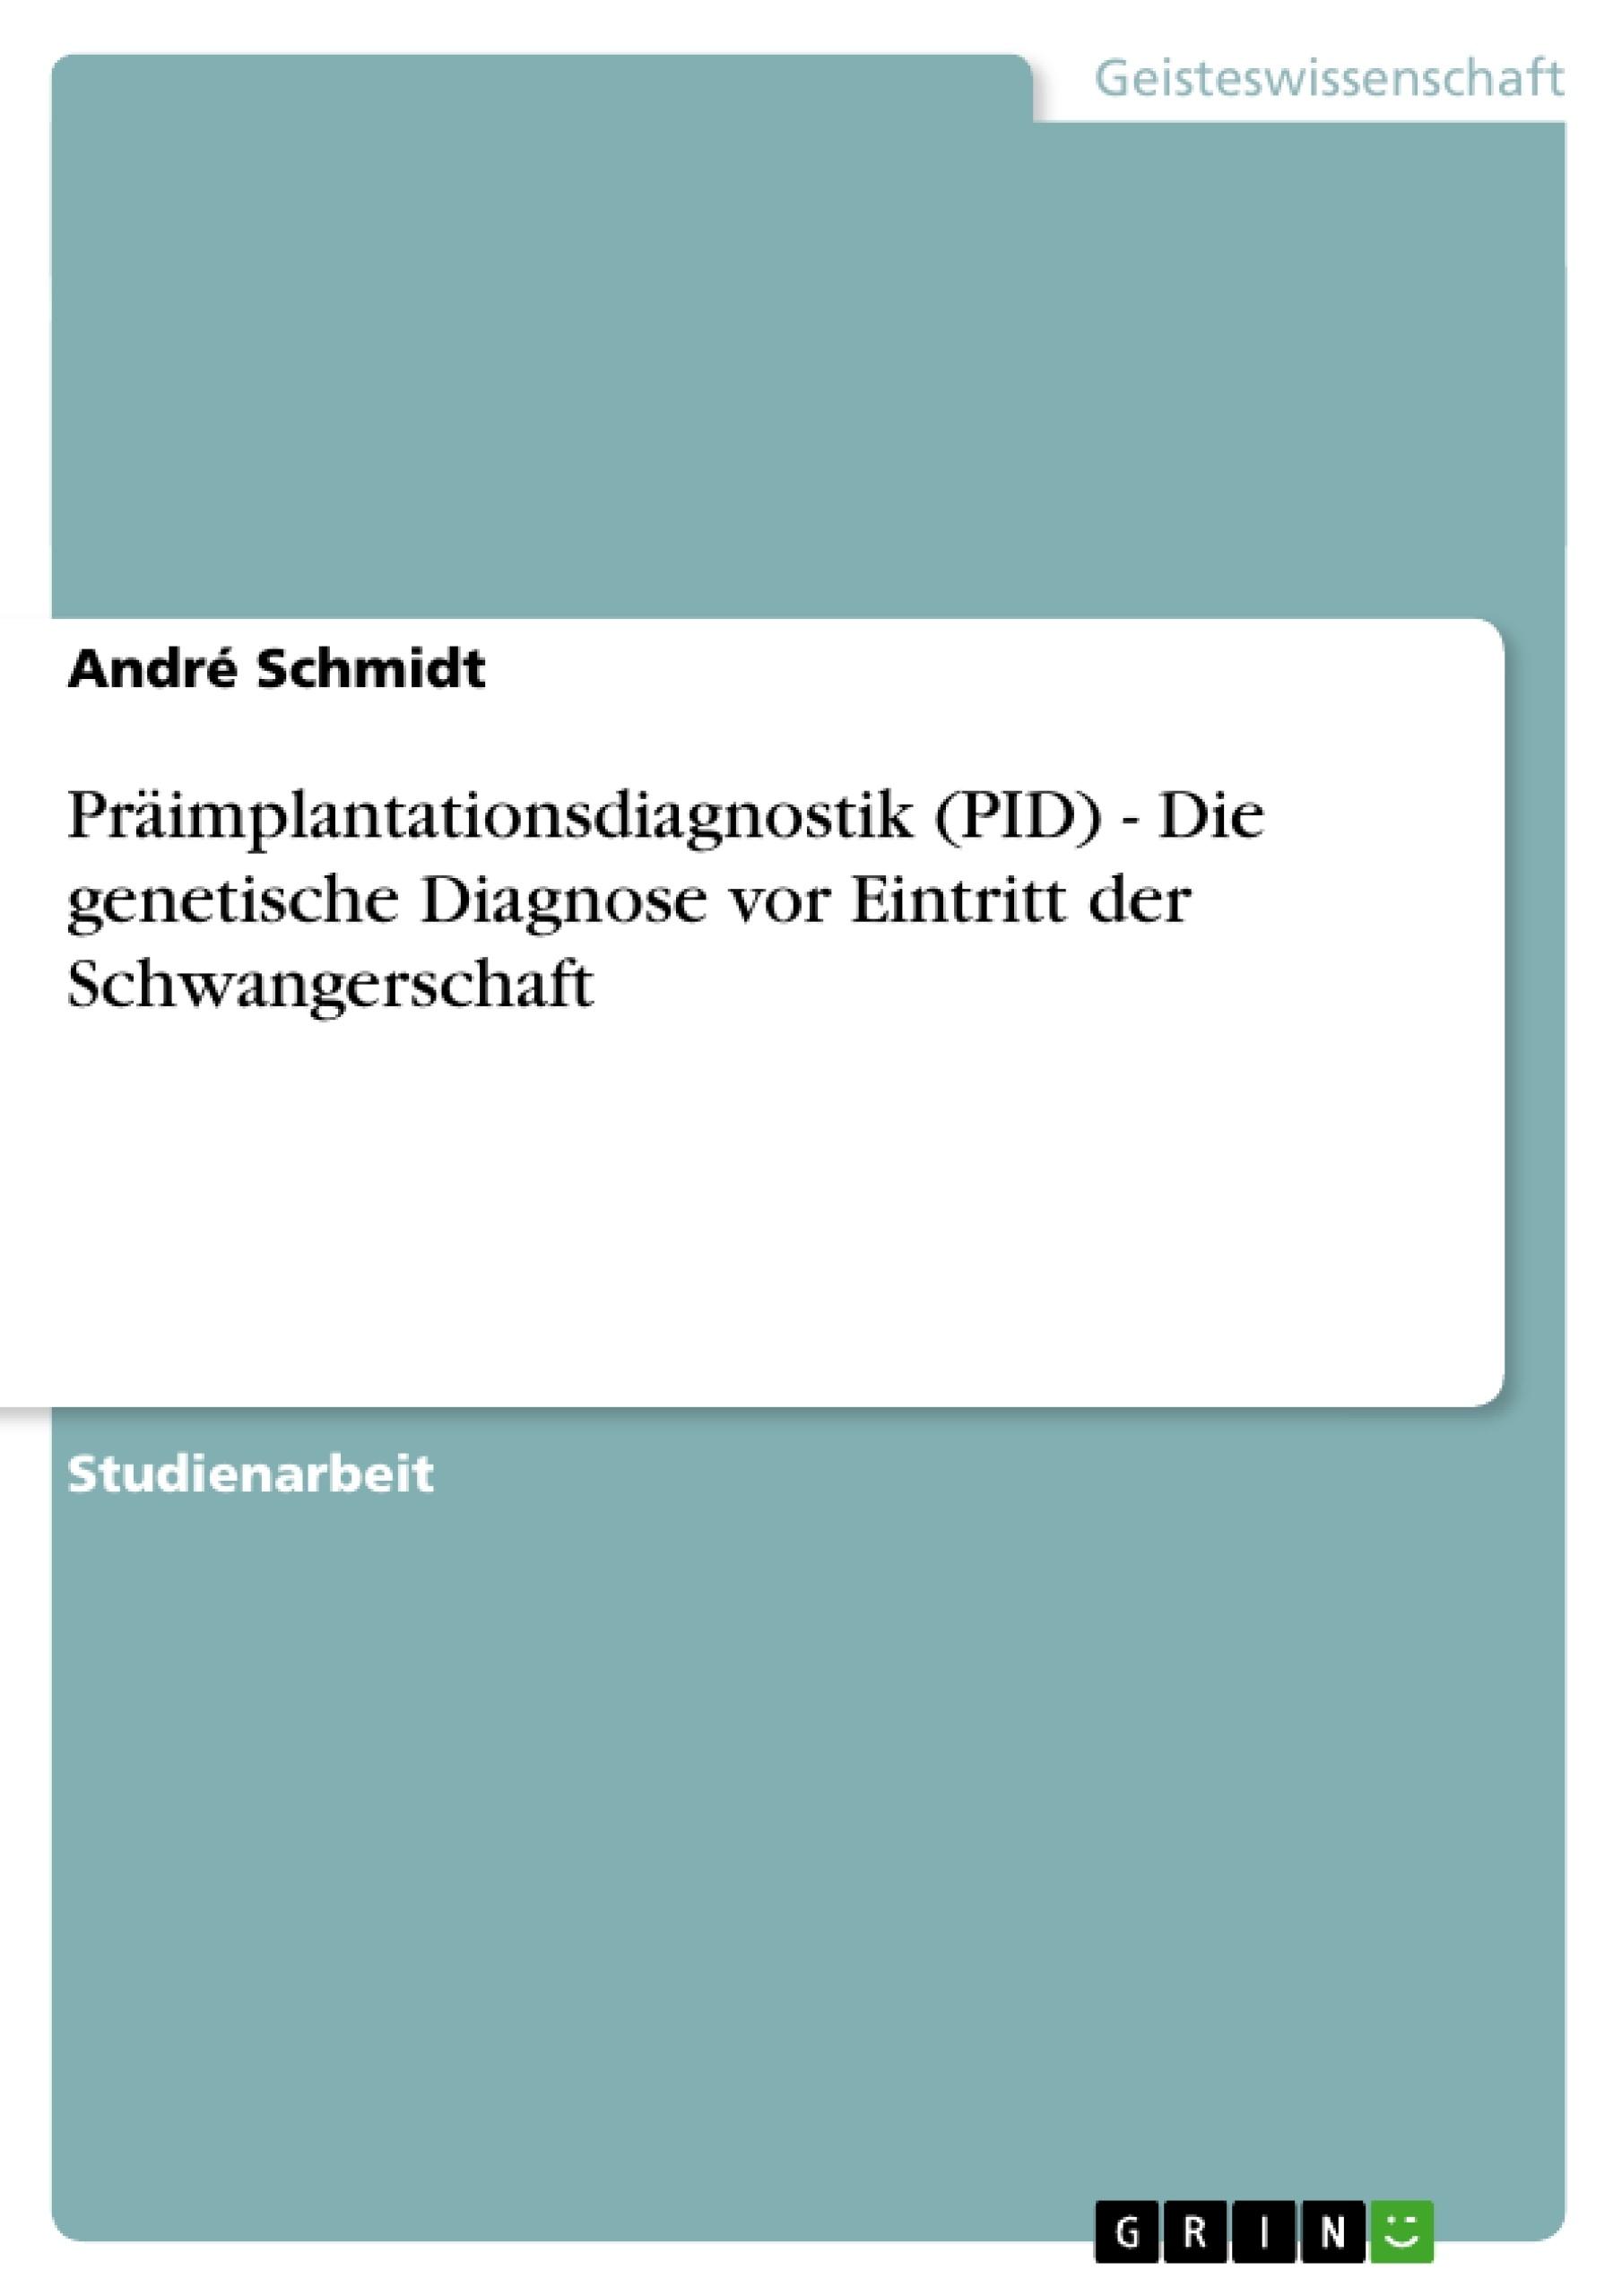 Titel: Präimplantationsdiagnostik (PID) - Die genetische Diagnose vor Eintritt der Schwangerschaft